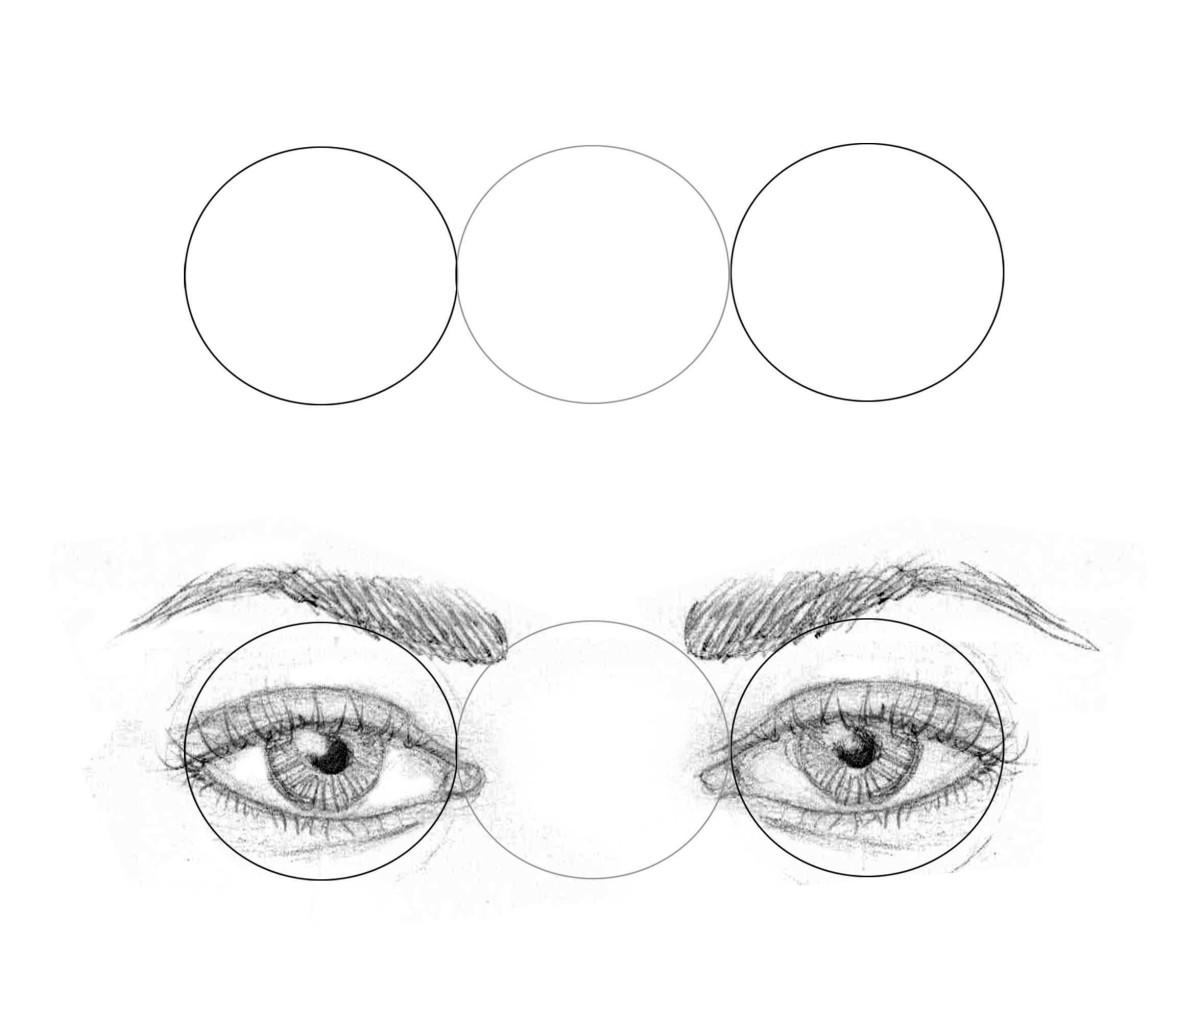 General eye width